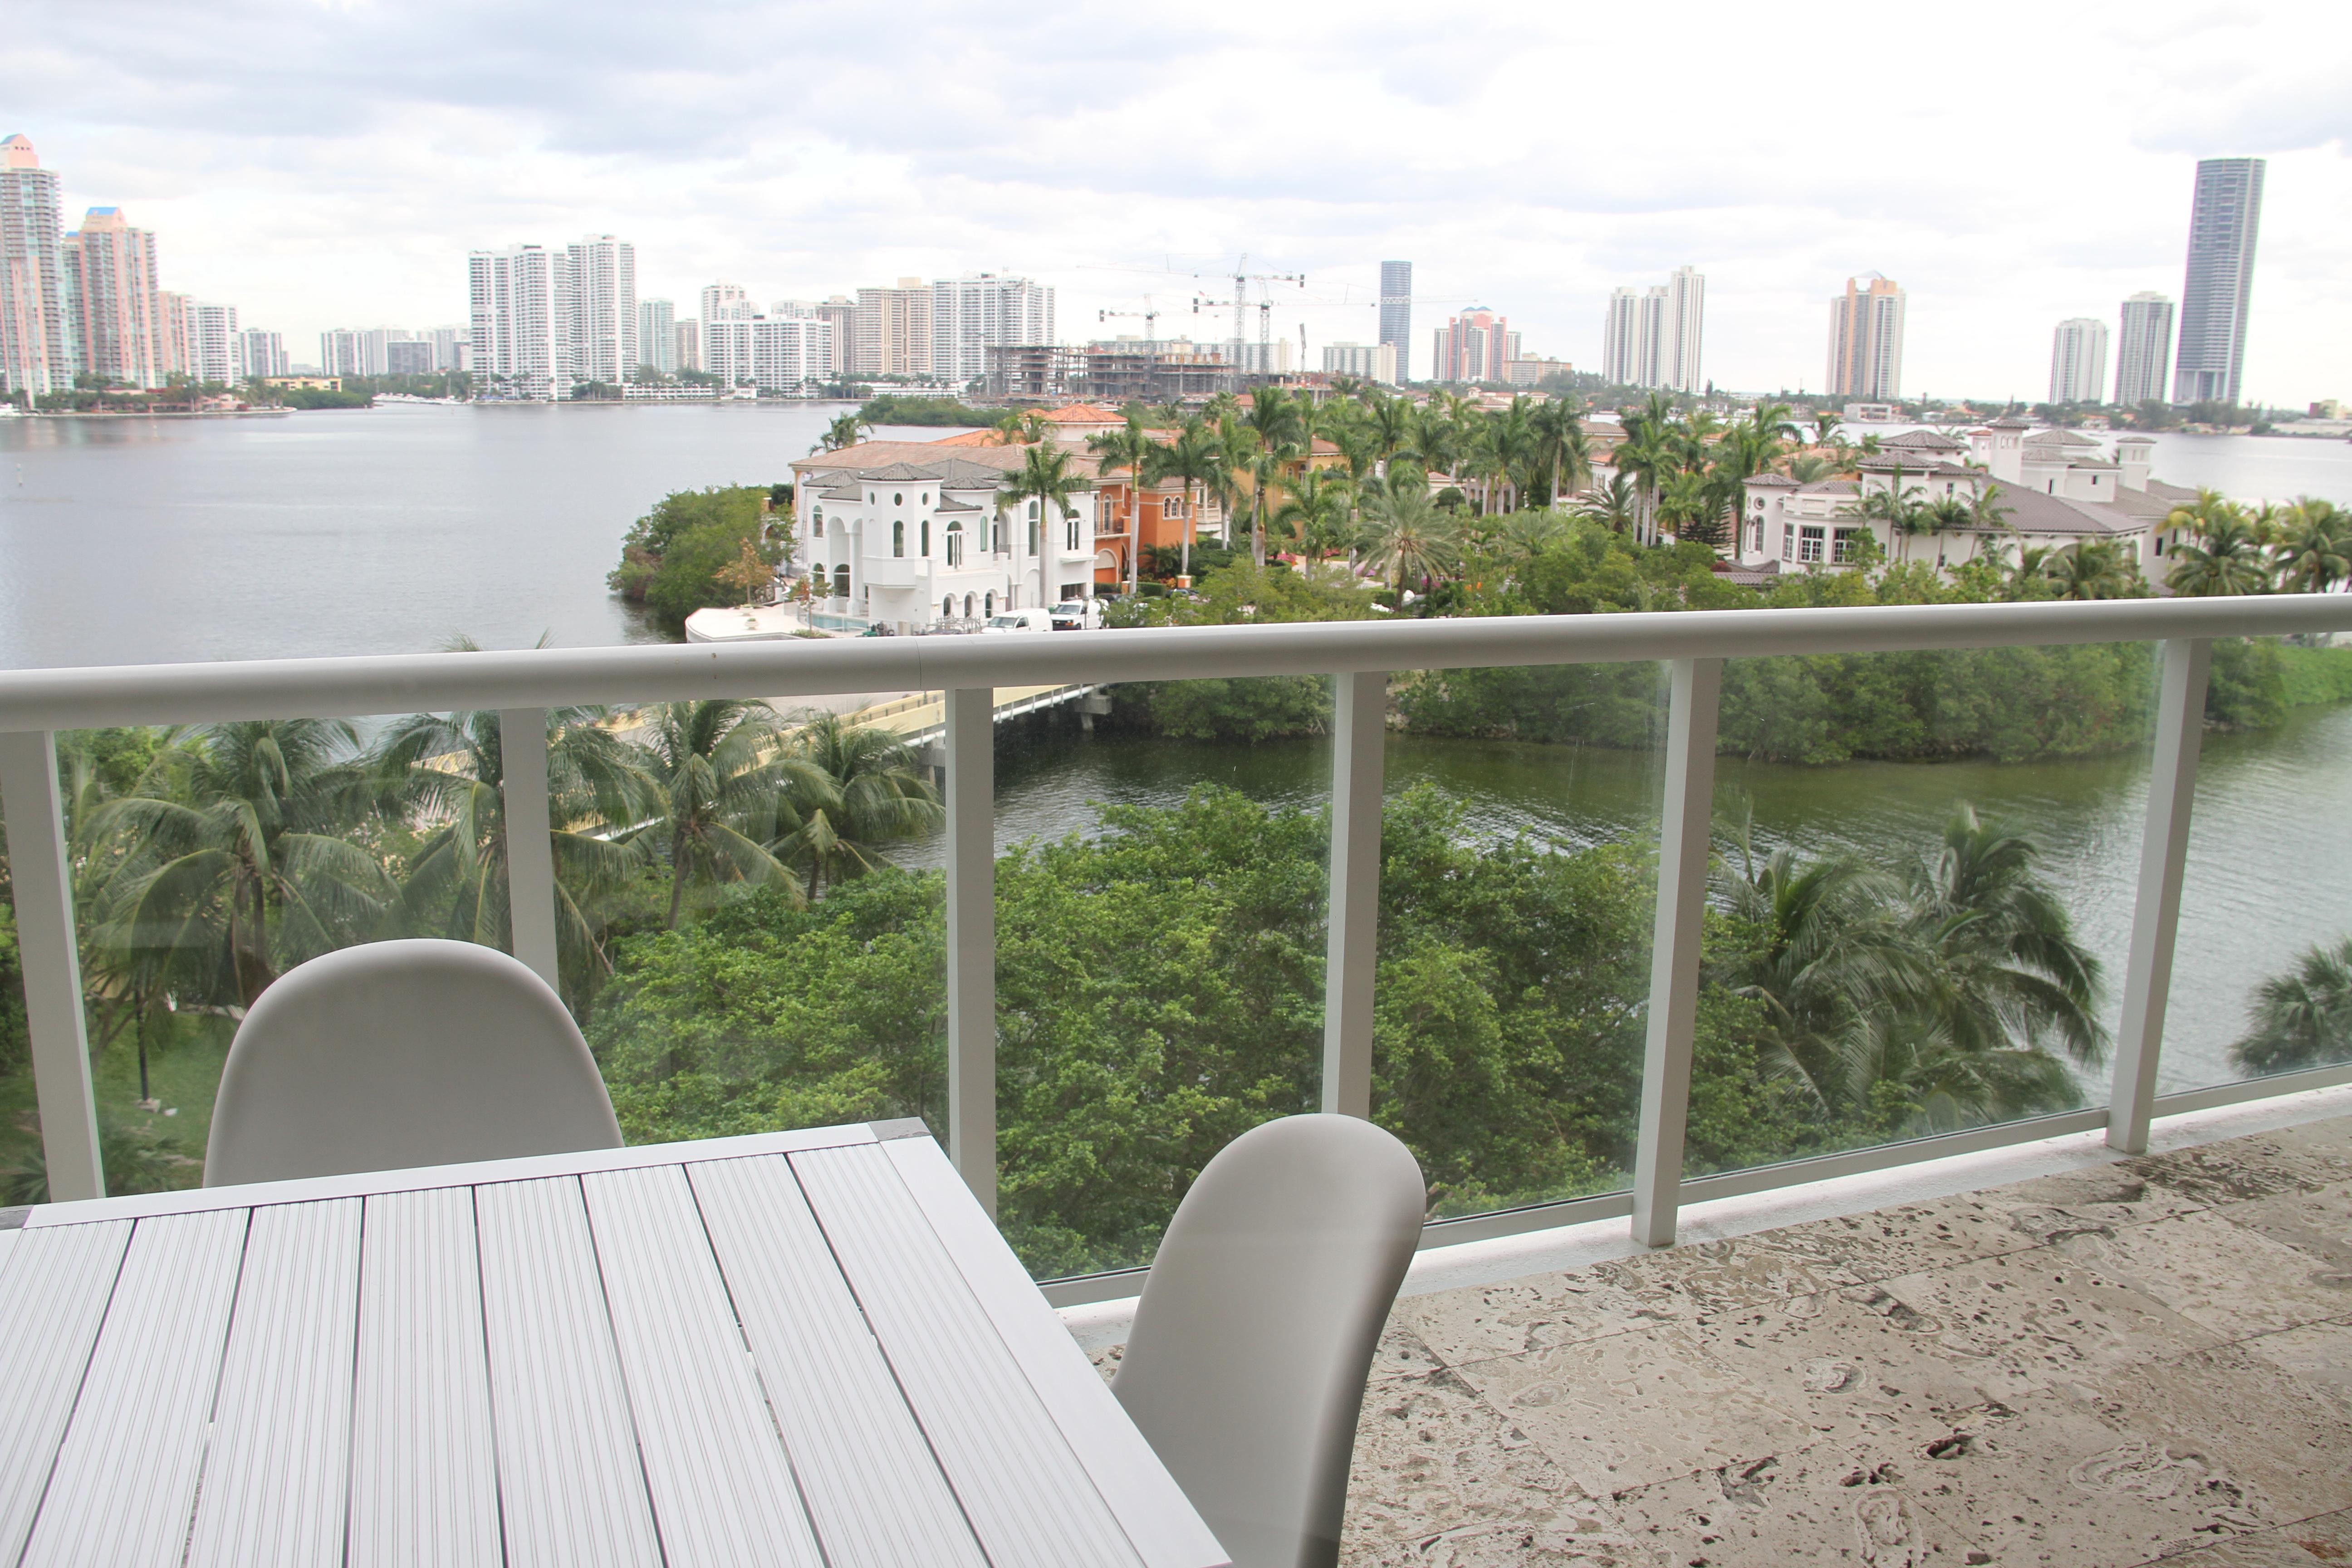 Condomínio para Venda às 4000 Island Blvd #604 4000 Island Blvd 604 Aventura, Florida, 33160 Estados Unidos